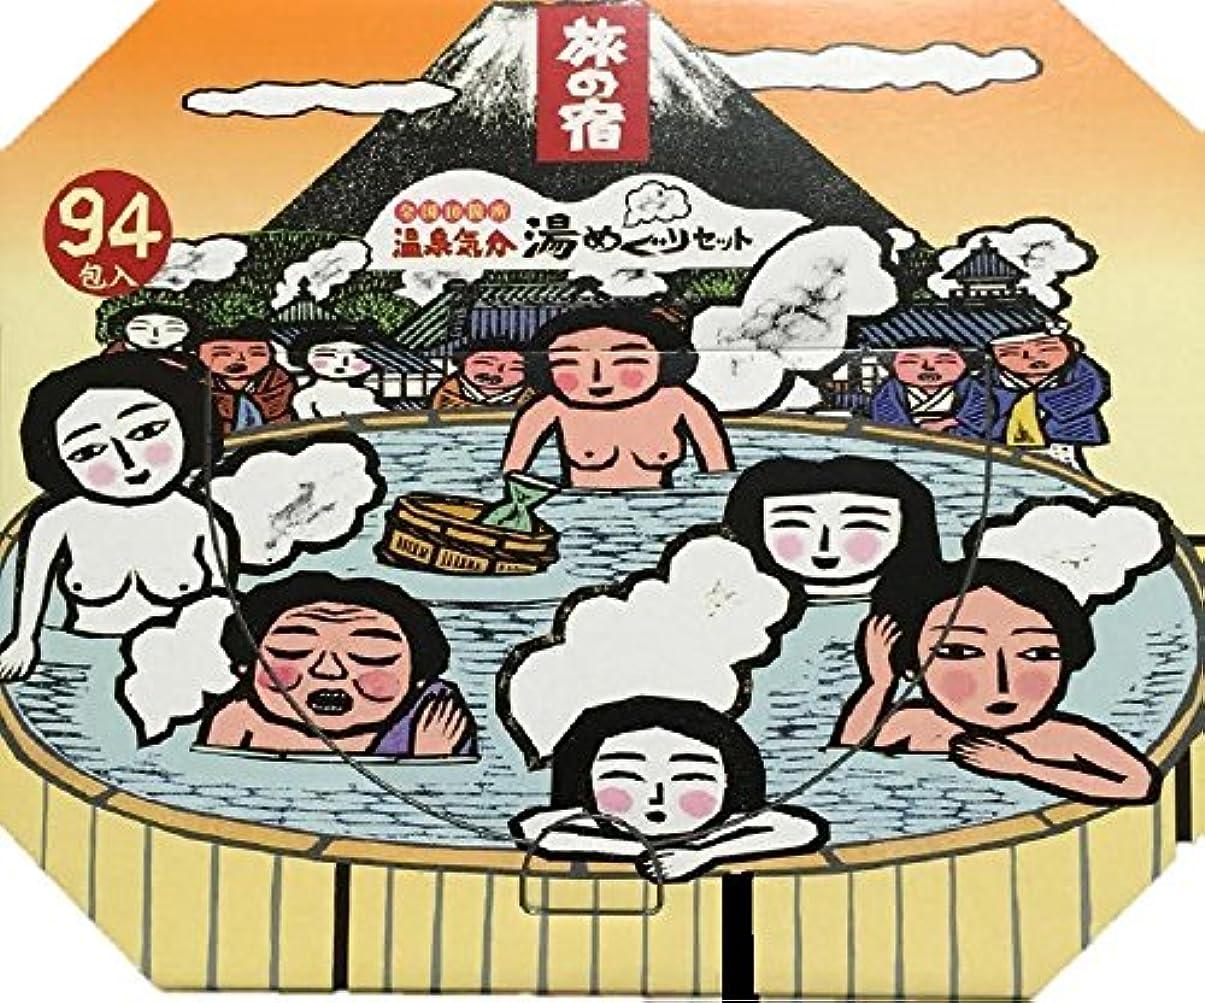 奪う経過トレード旅の宿(薬用入浴剤) 全国10箇所温泉気分 湯めぐりセット94包入